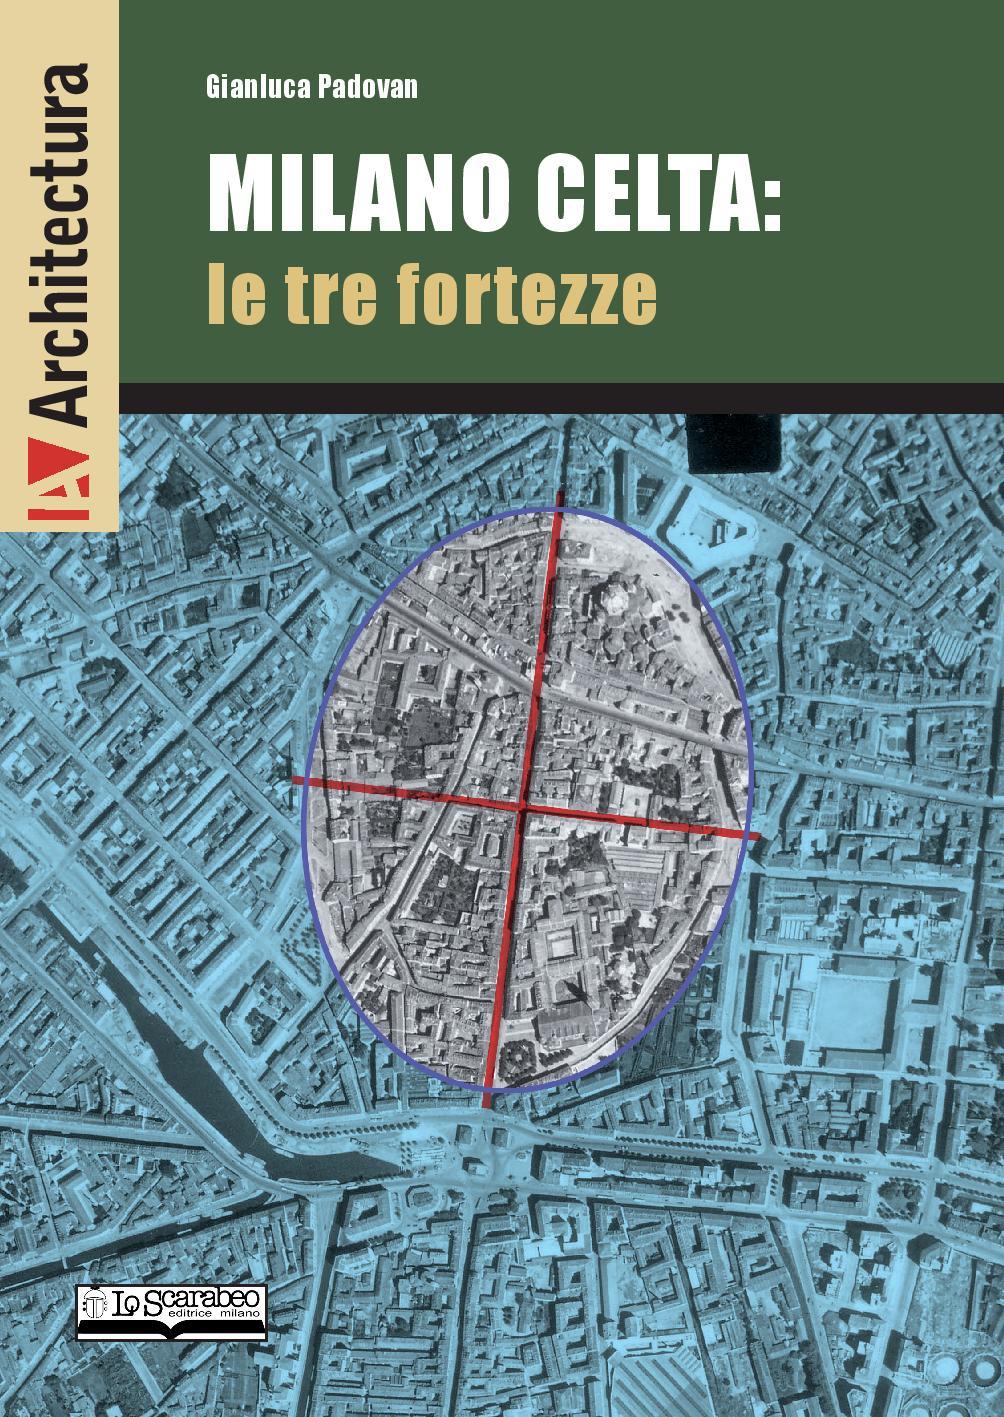 Milano Celta: le tre fortezze